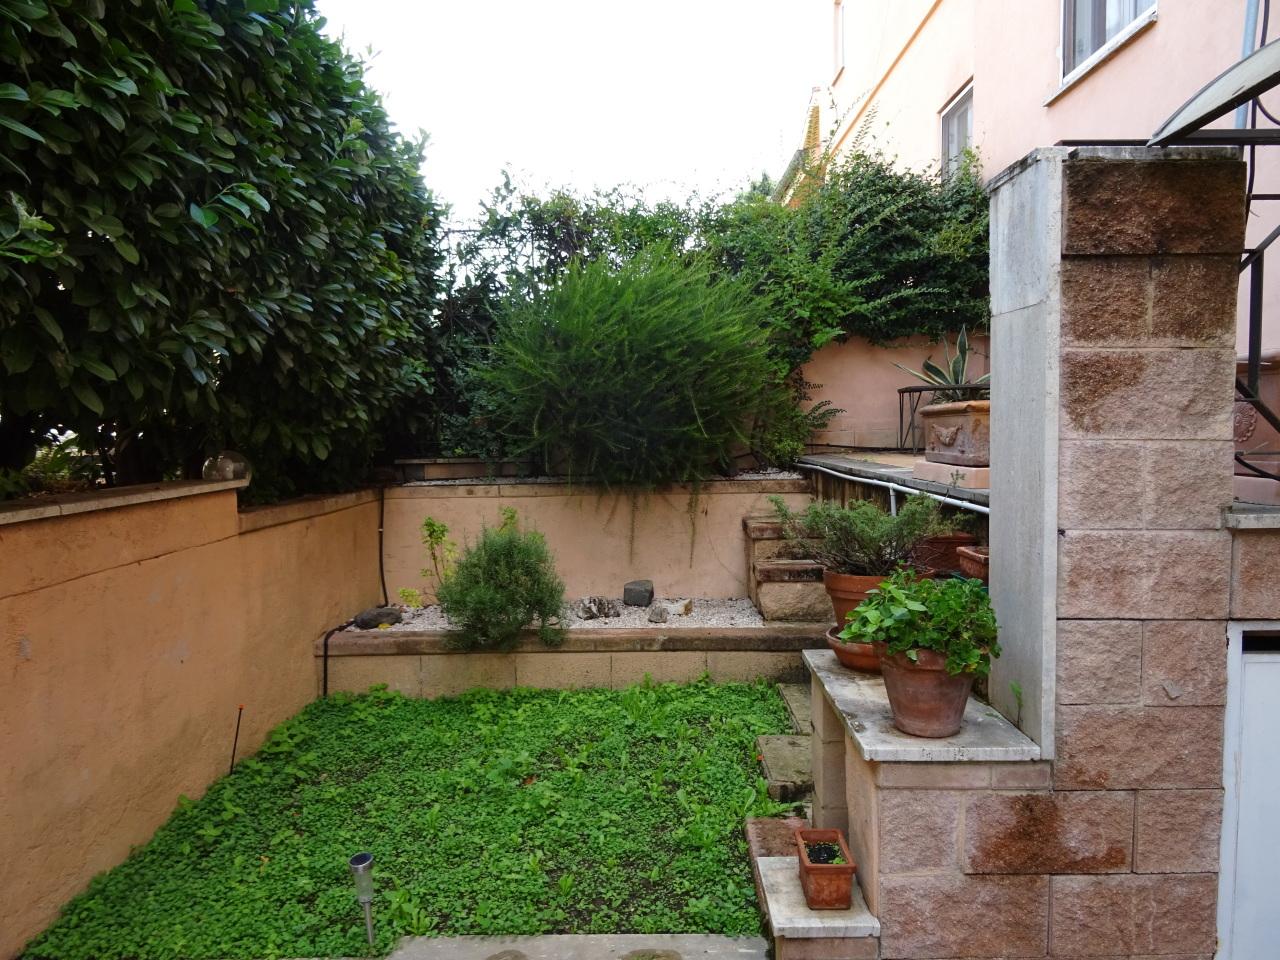 Appartamento in vendita a Grottaferrata, 3 locali, prezzo € 185.000 | Cambio Casa.it